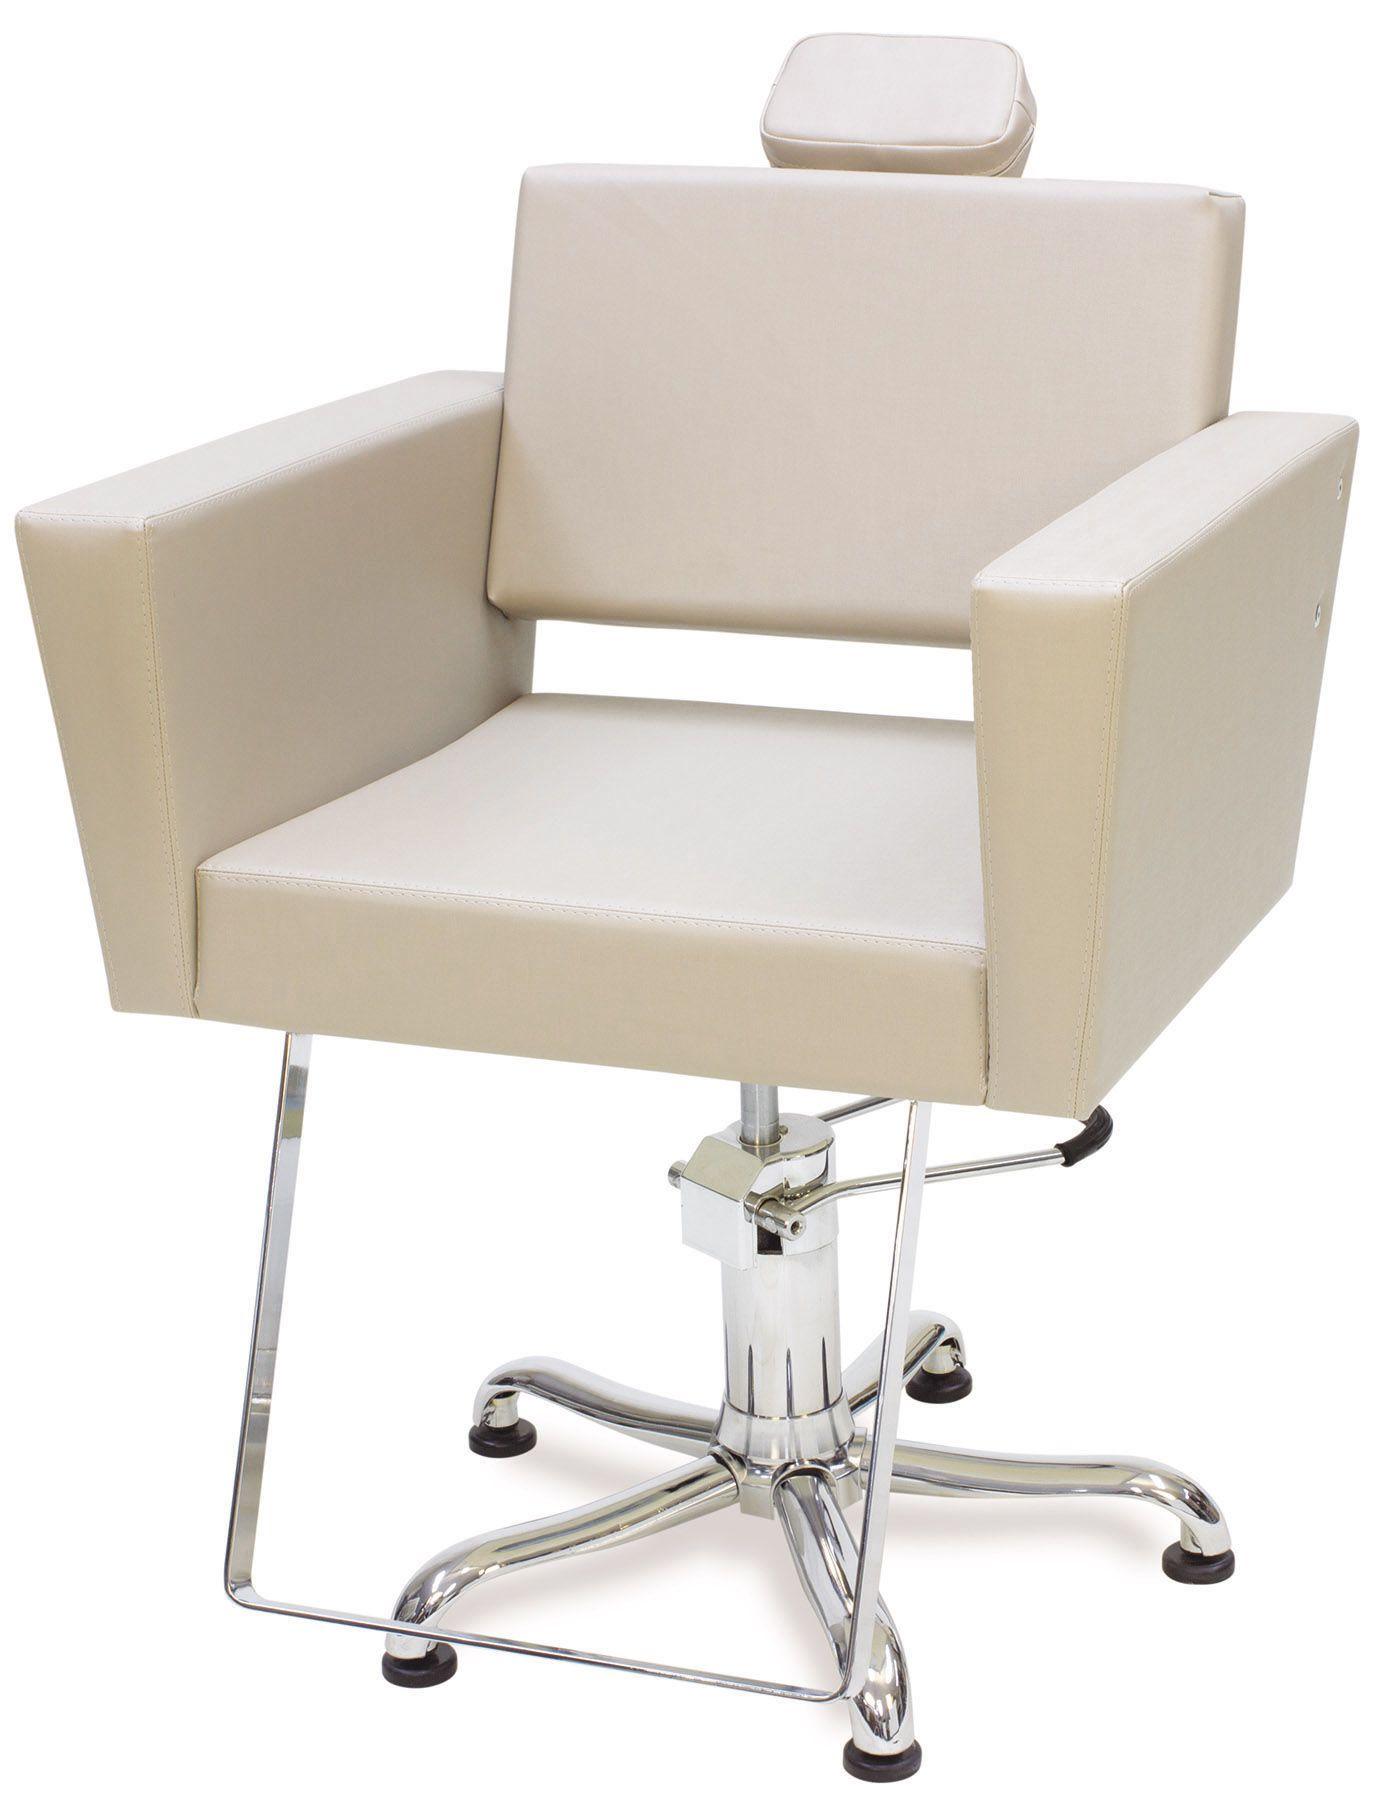 Kit cadeira fixa niagara + lavatório niagara